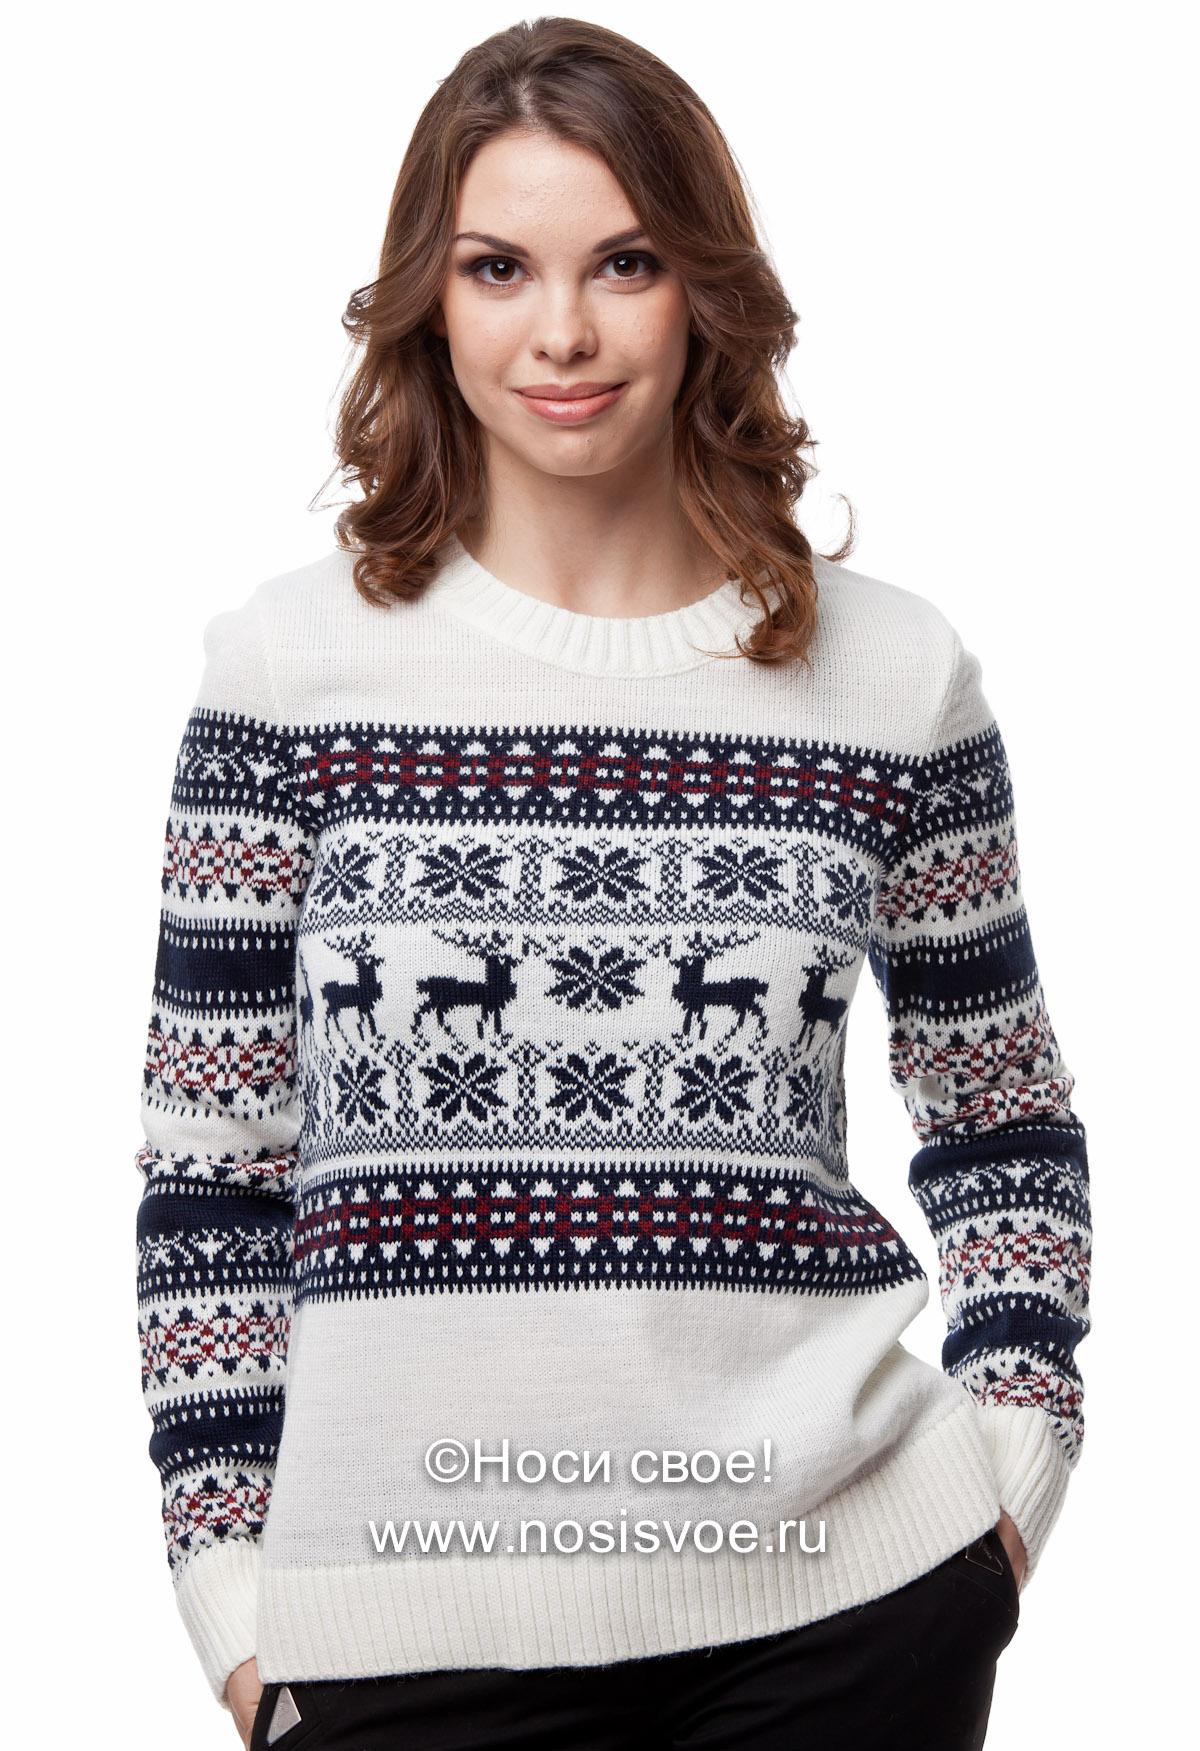 Тренд наступающей зимы - сказочные свитера с оленями и скандинавскими узорами, одеваем всю семью! Уютный подарок себе и